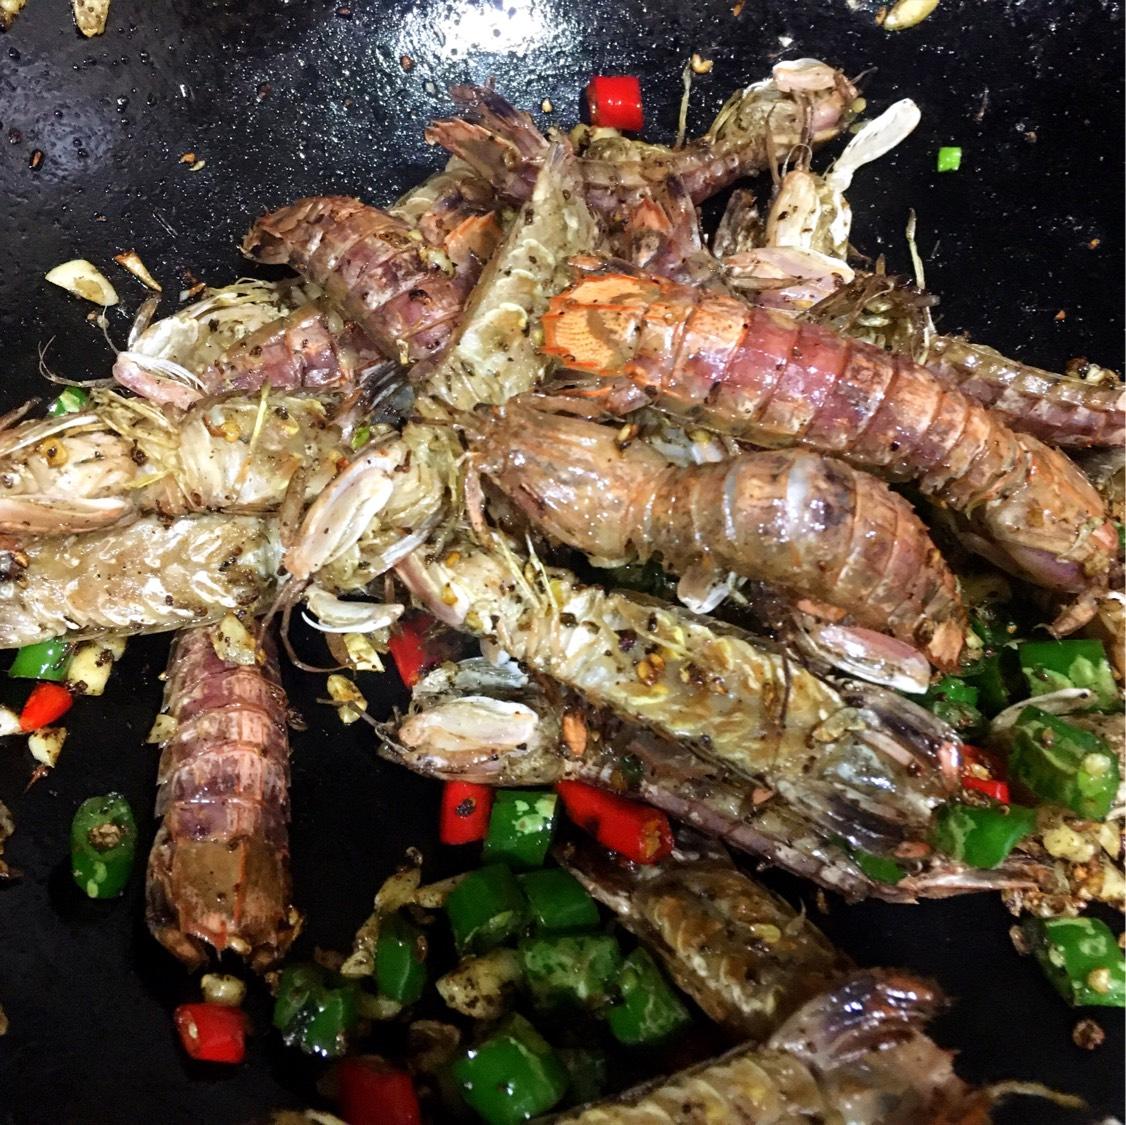 哥哥说 想吃虾  我就做了皮皮虾和蓝